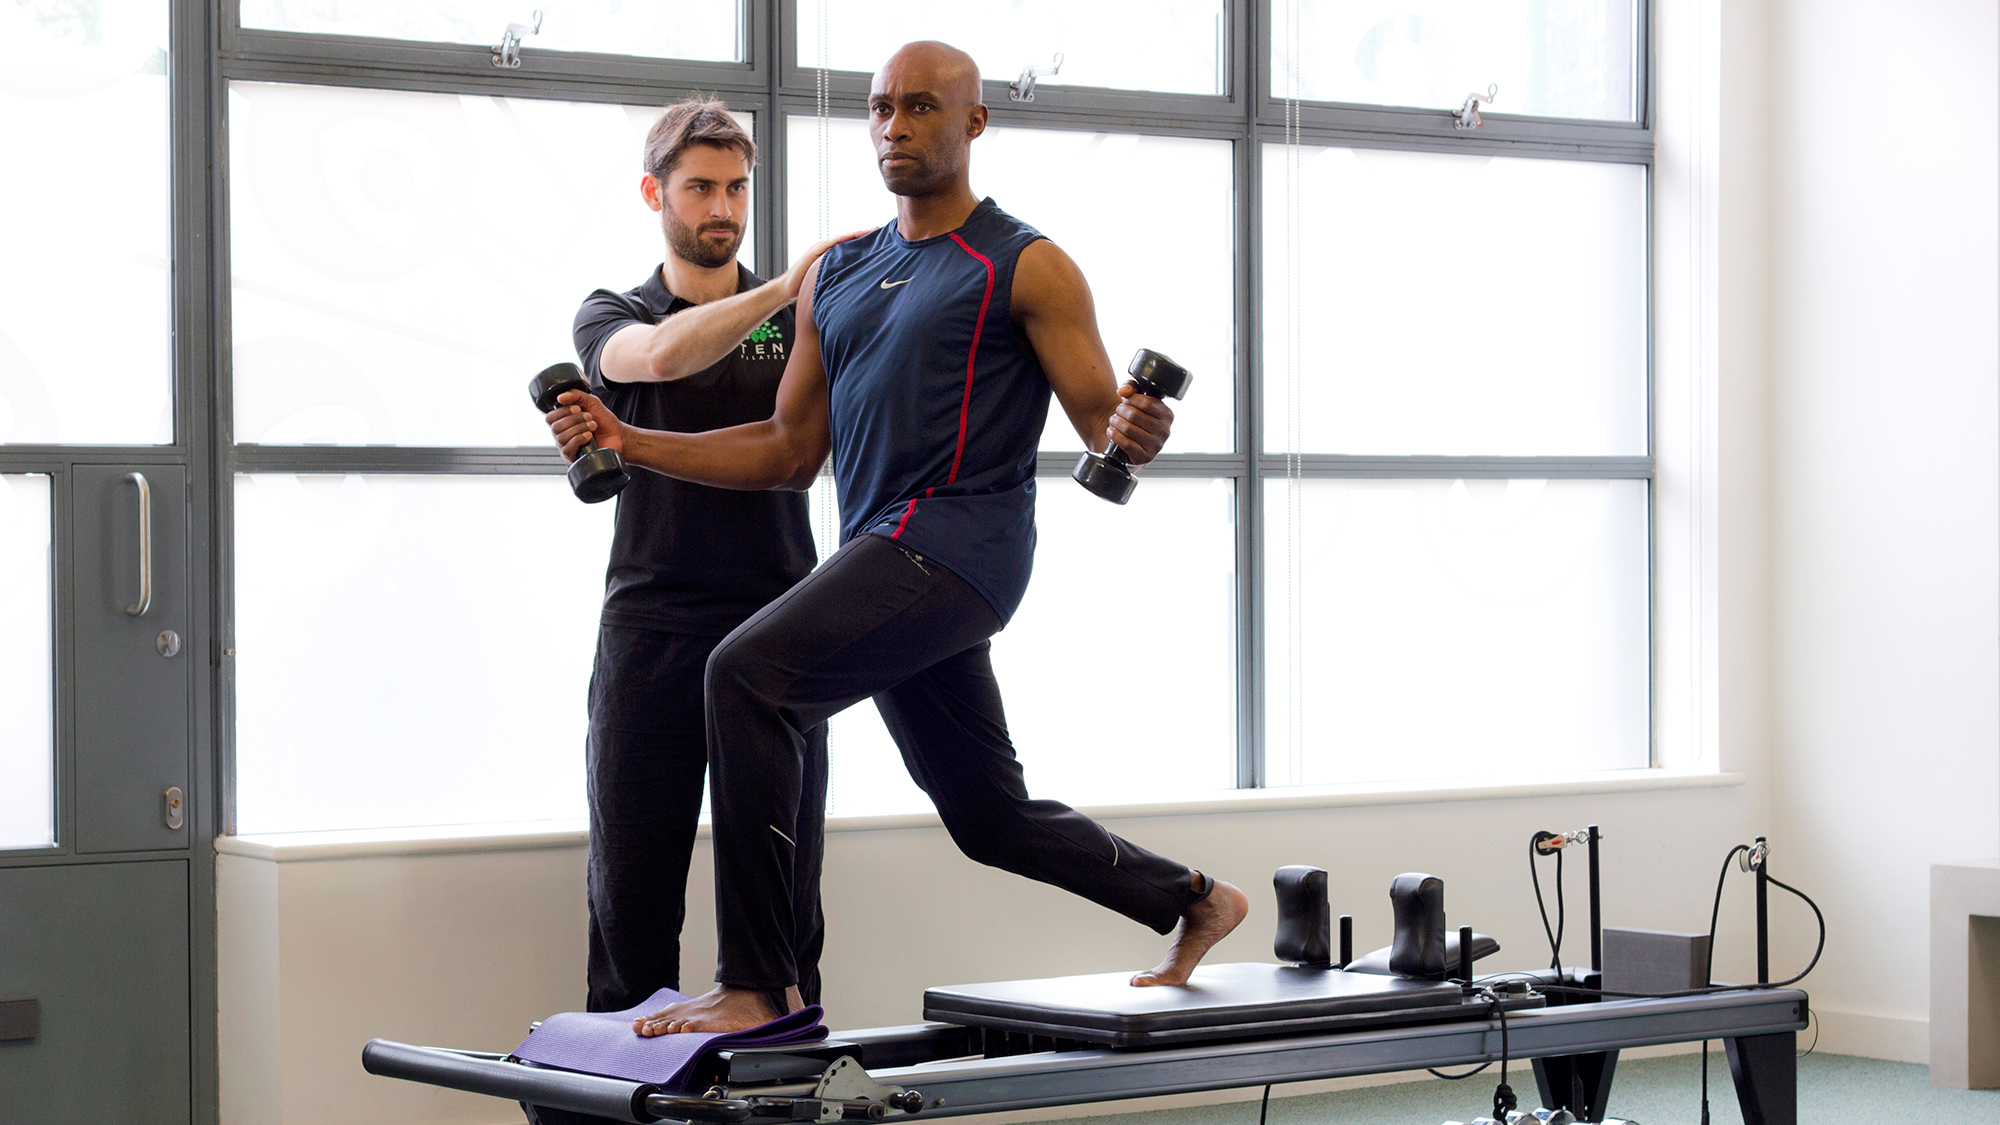 Ten Why Real Men Do Pilates